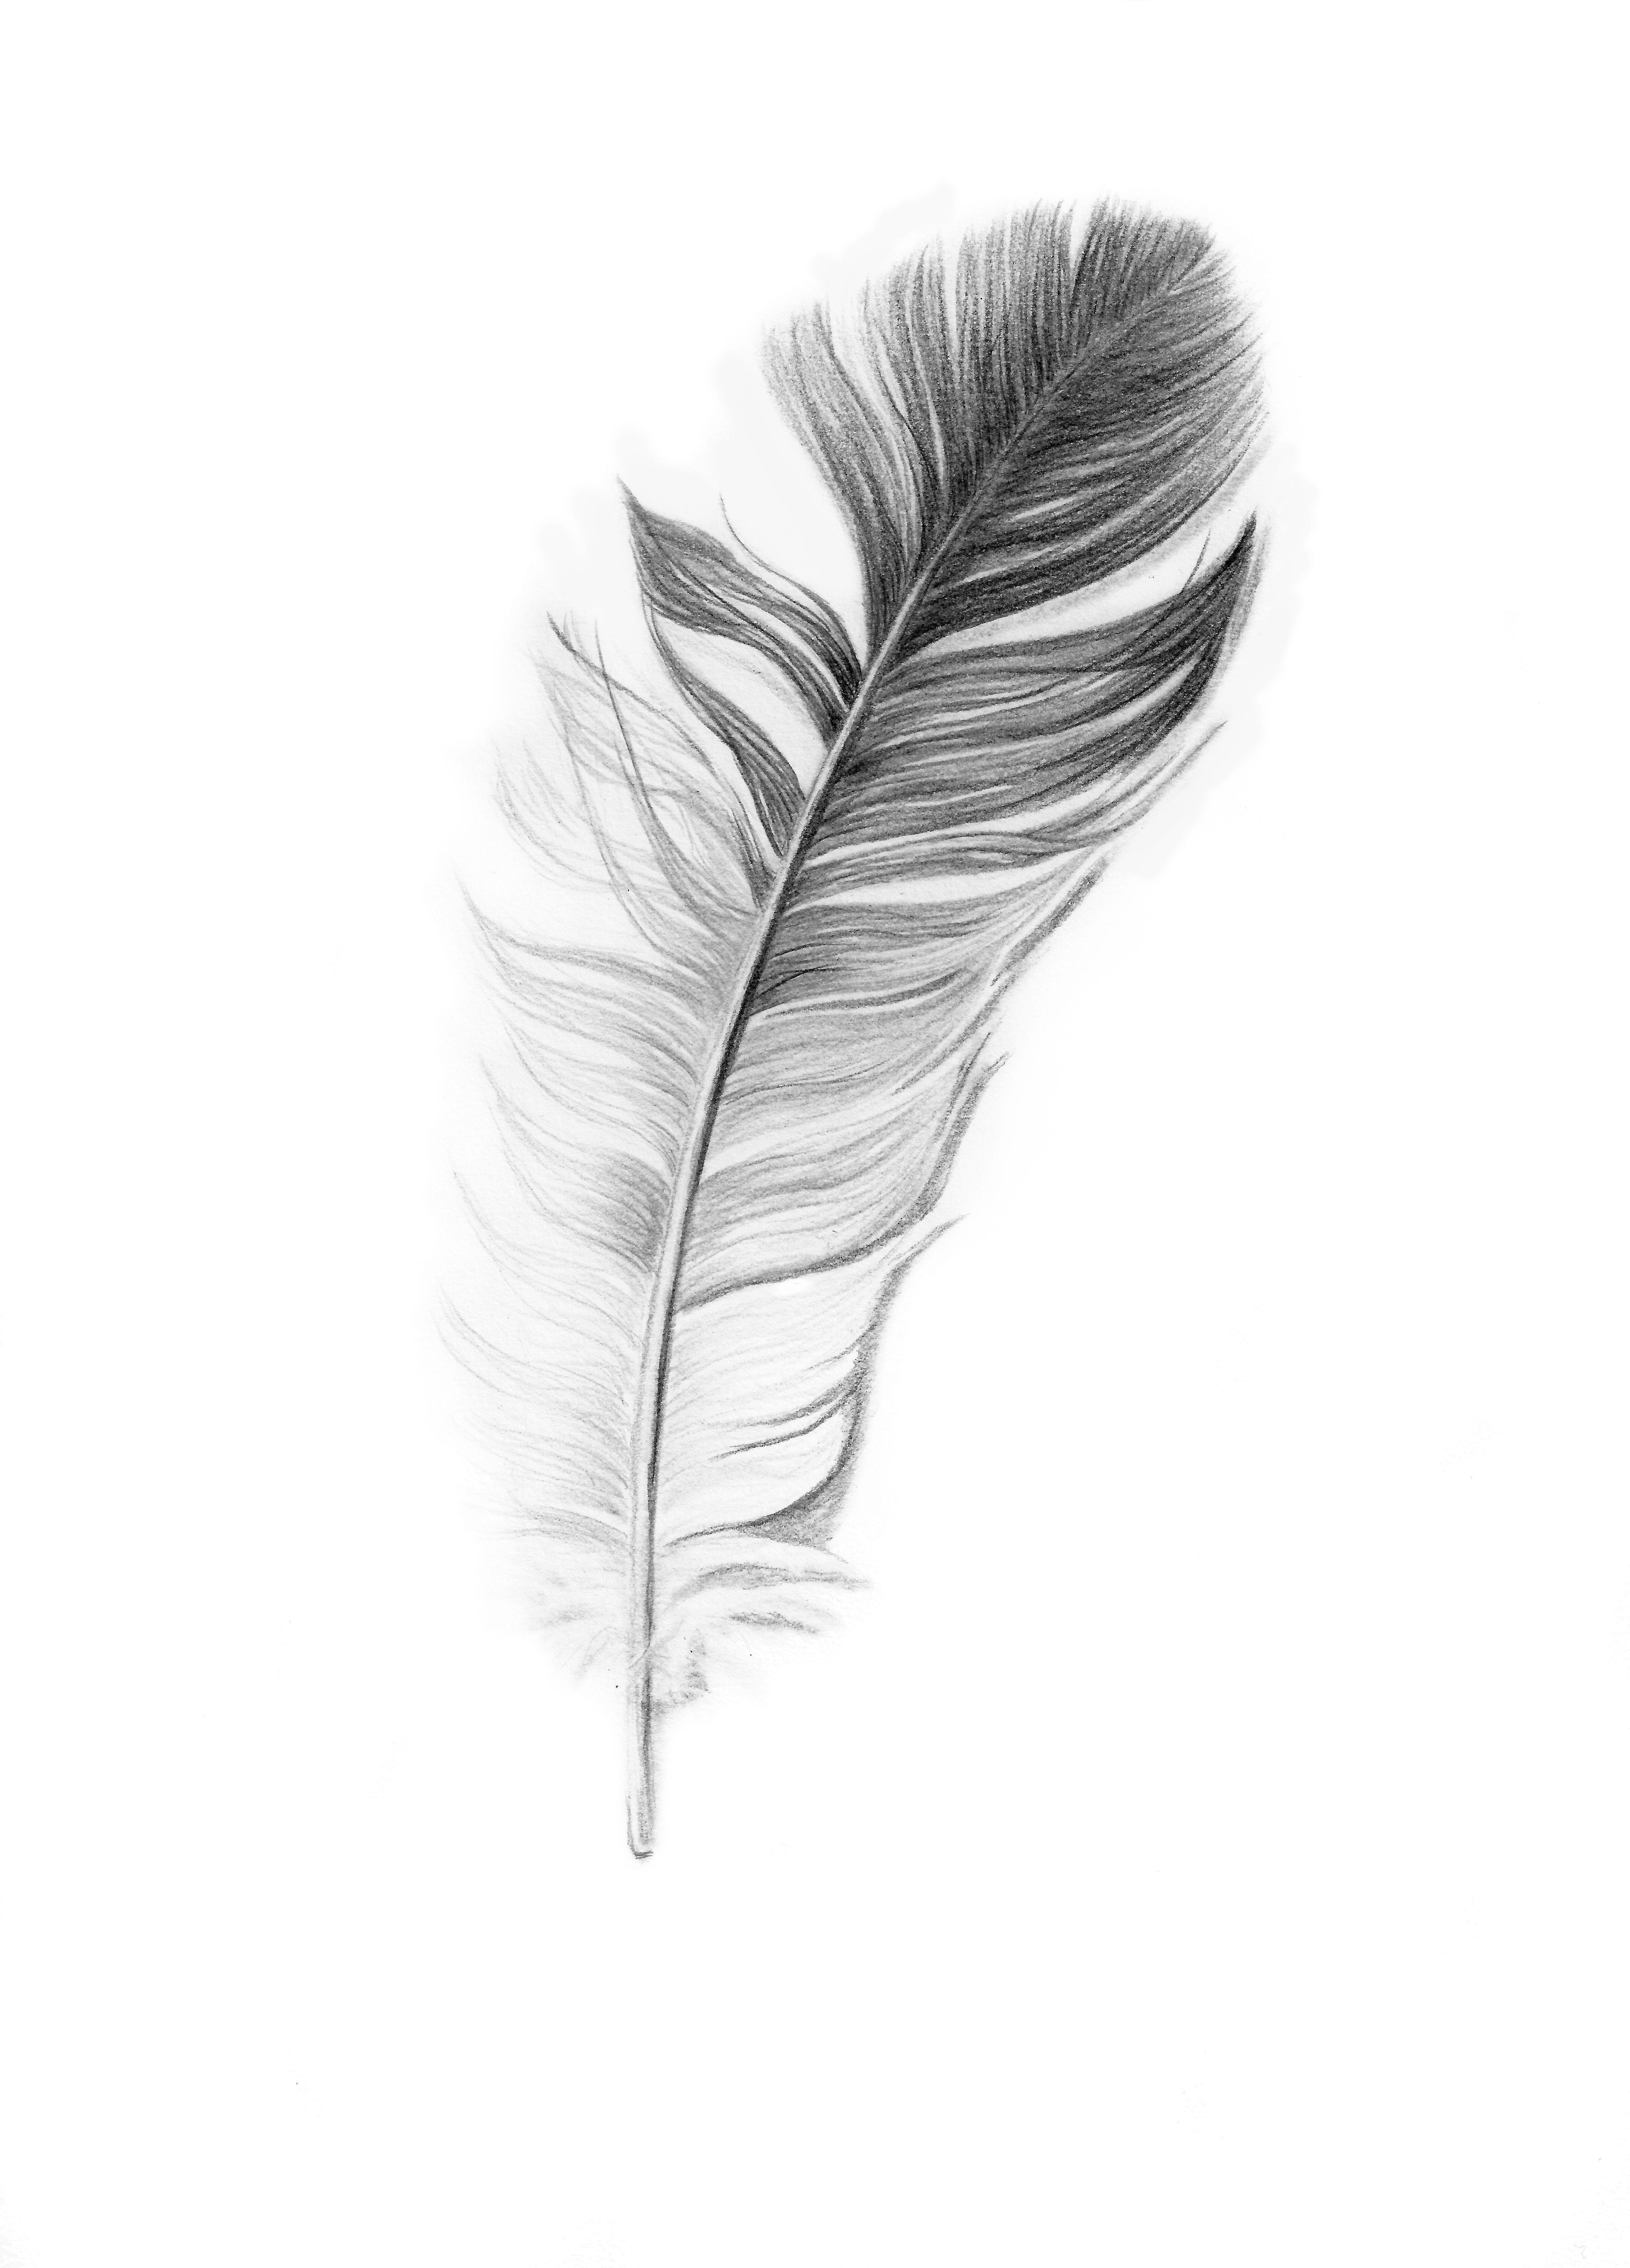 Veer Feather Pencil Drawing Print On Fine Art Paper By Sabine Van Loon Veer Feather Pencil Drawing Arte Plumario Plumas Dibujos Arte De Color Carbon